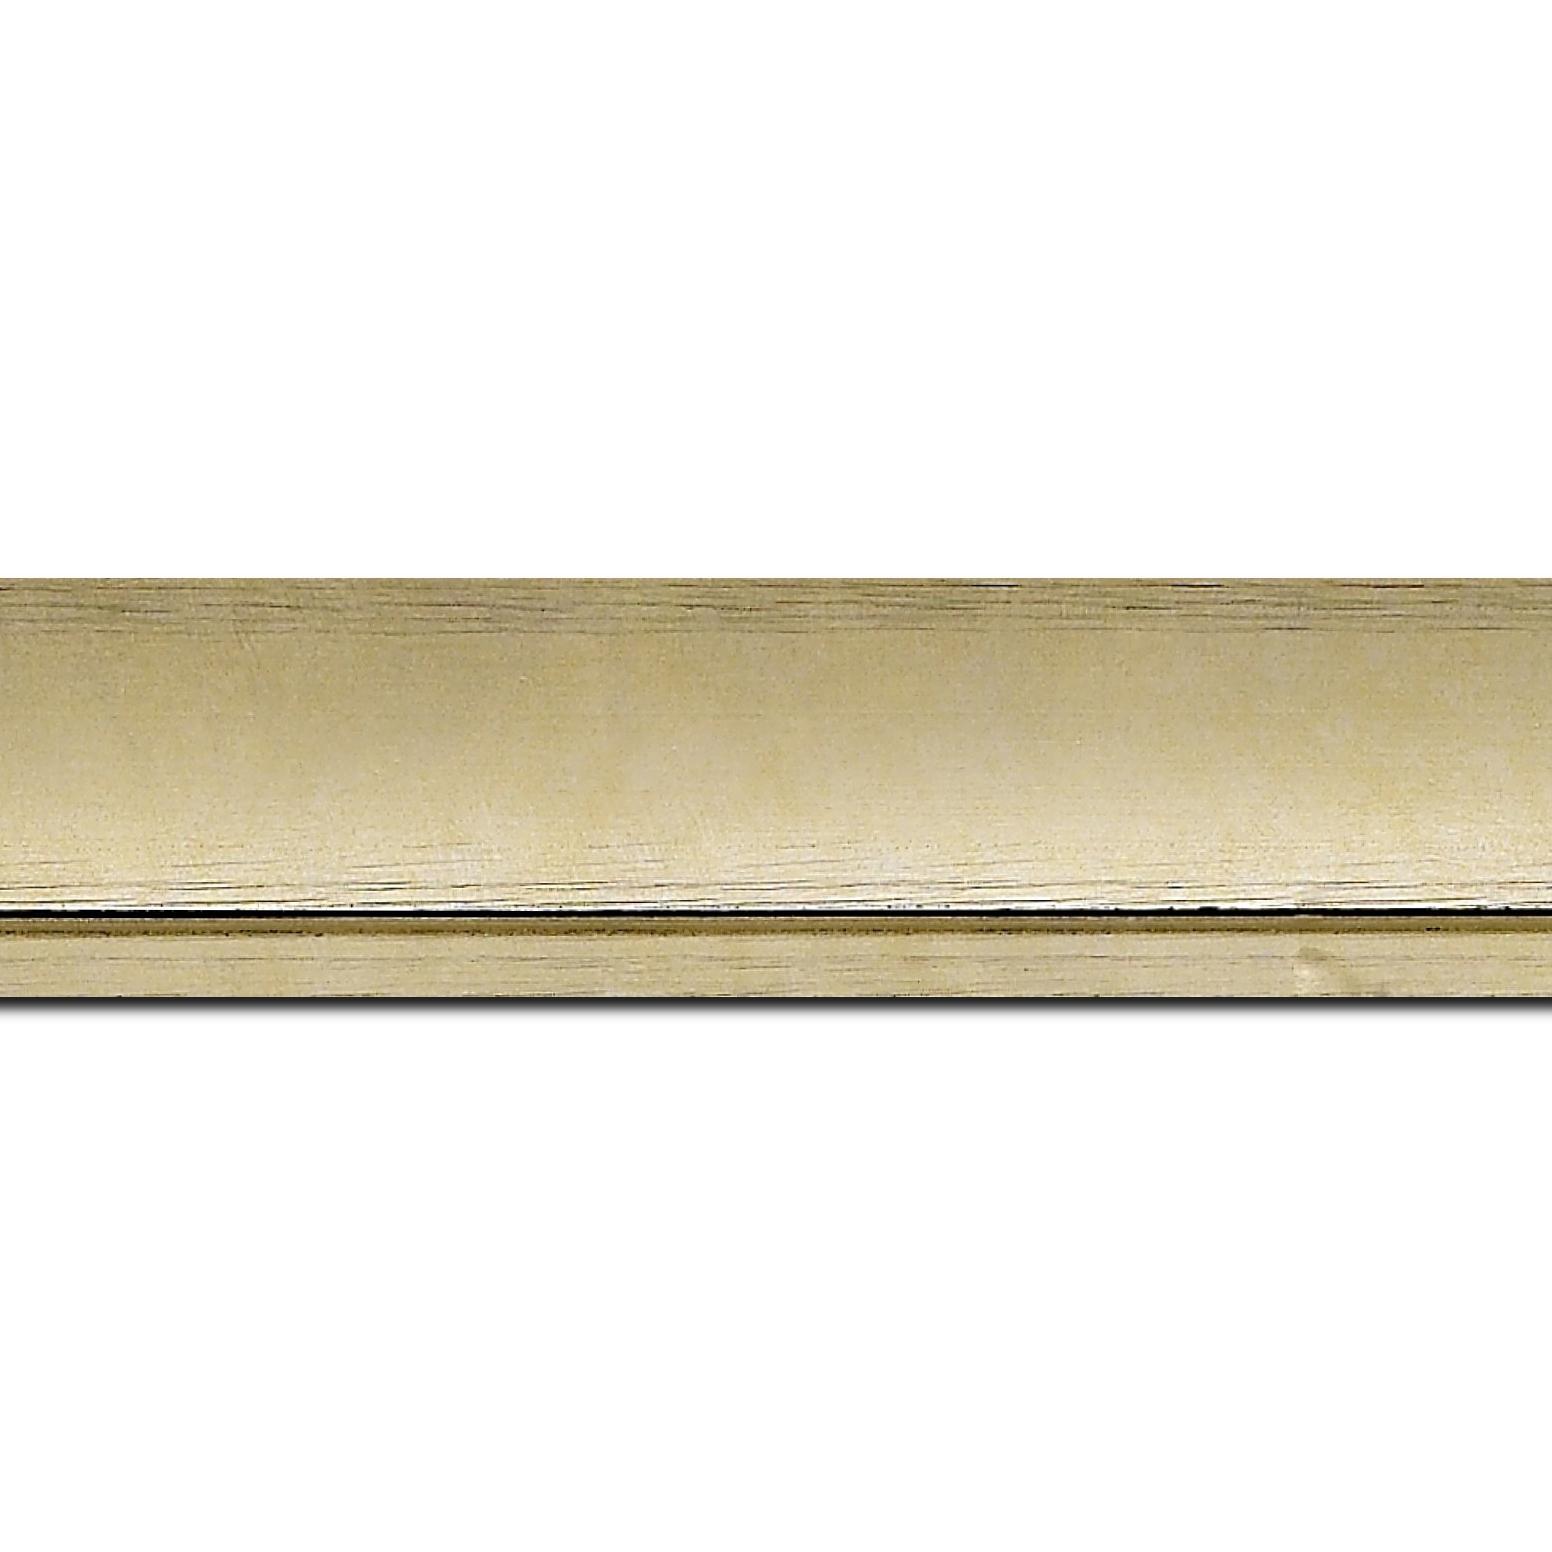 Pack par 12m, bois profil incurvé largeur 4.2cm couleur or effet givré (longueur baguette pouvant varier entre 2.40m et 3m selon arrivage des bois)